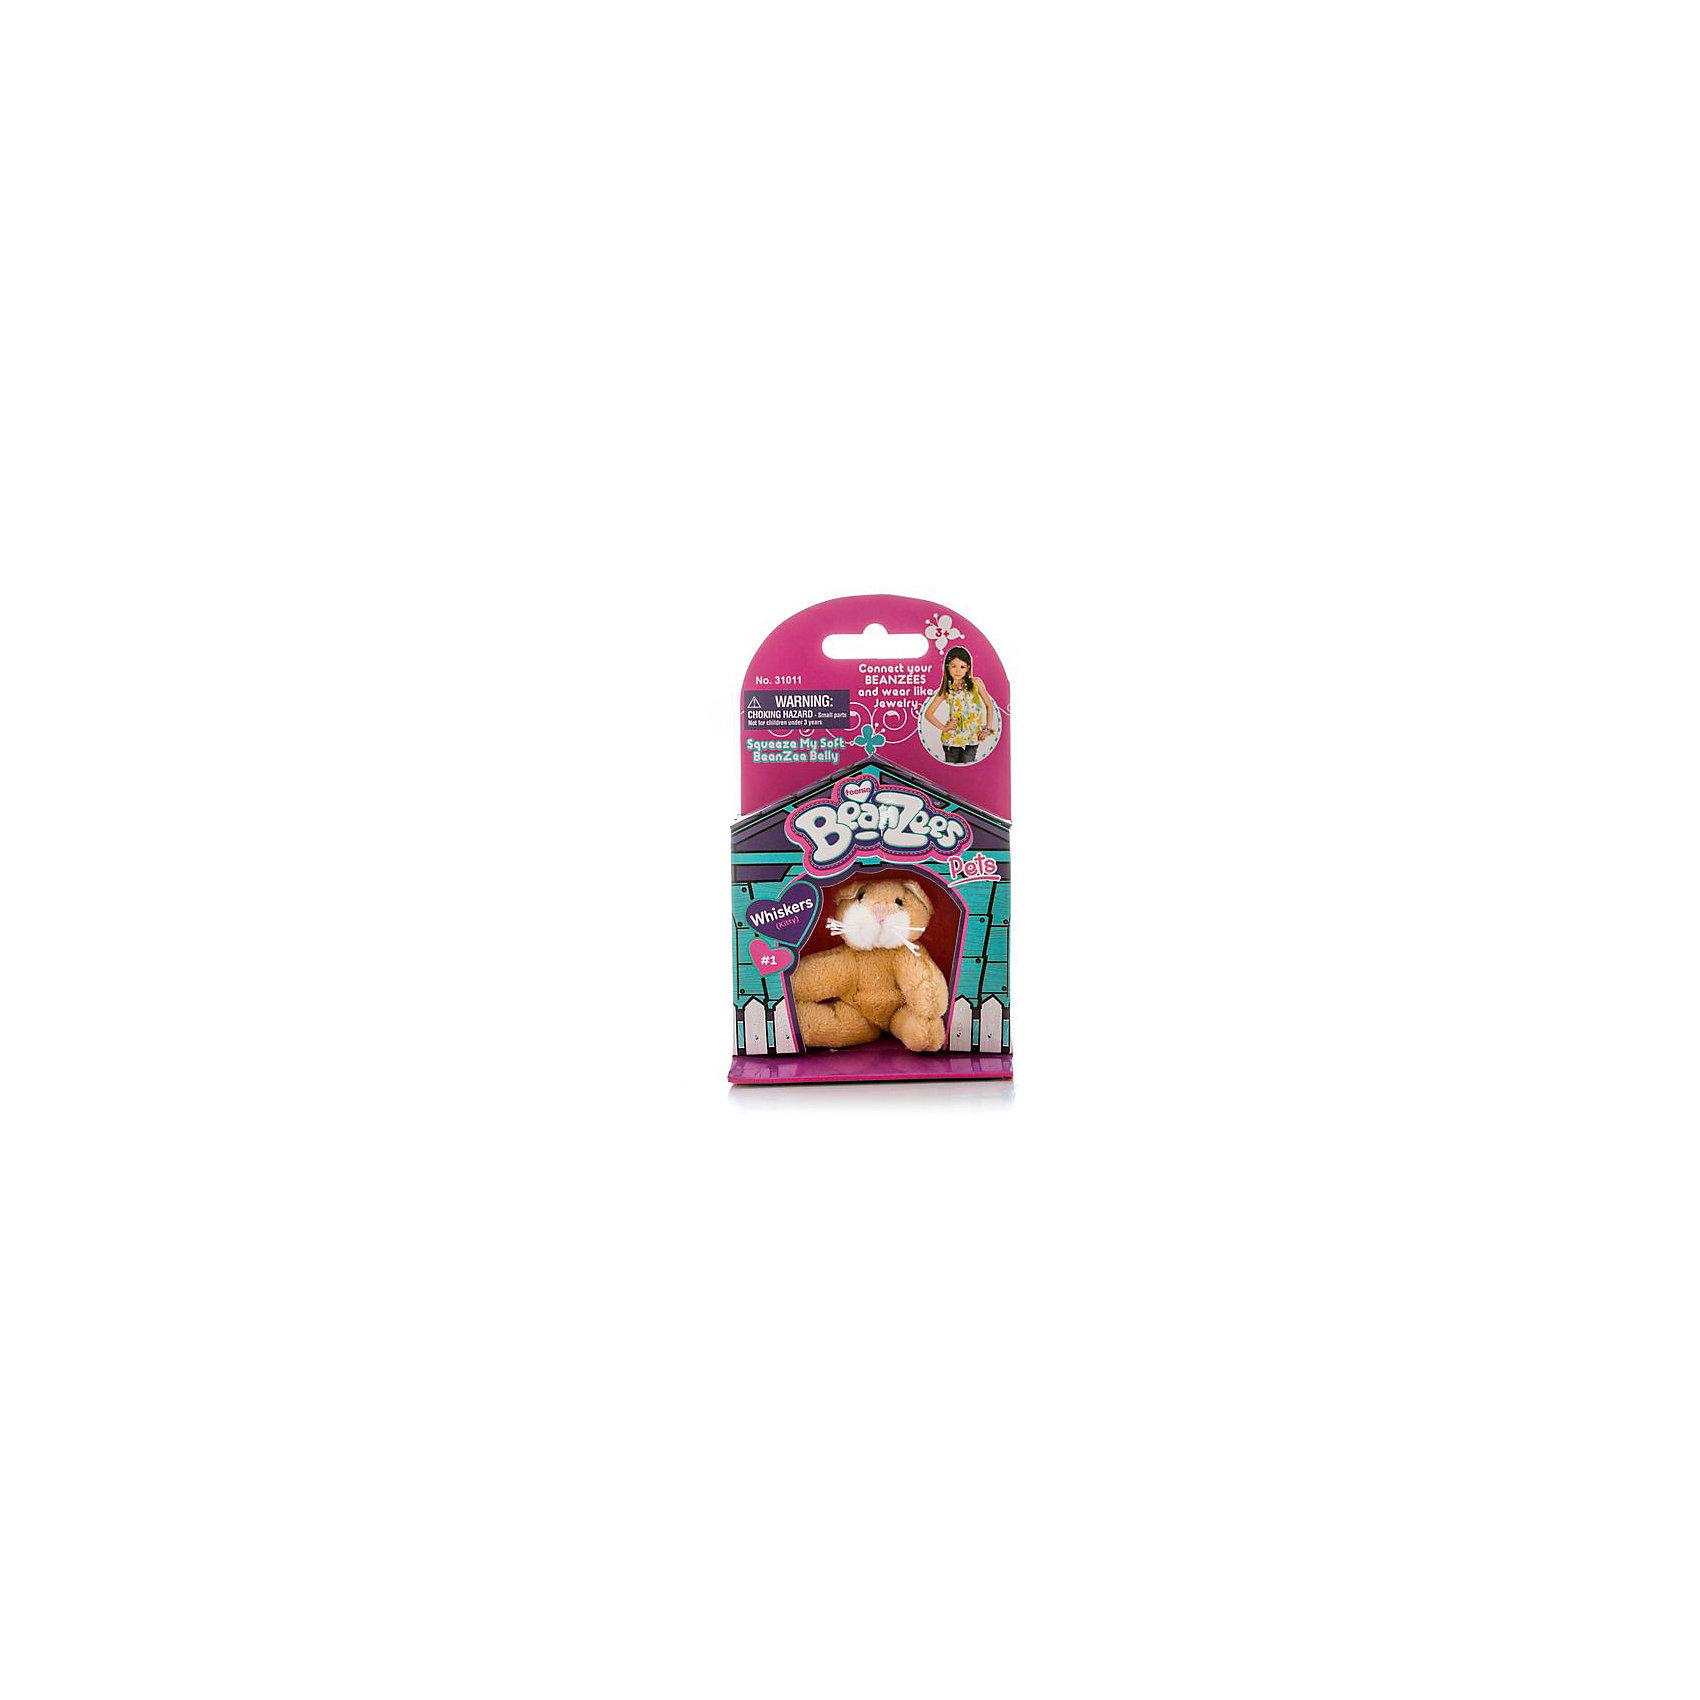 Мини-плюш Кошка, BeanzeezЗвери и птицы<br>Характеристики товара:<br><br>• особенности: наличие на лапках липучек, игрушку можно соединять с другими героями из серии<br>• материал: пластик, текстиль<br>• размер упаковки: 9х5,5х14,5 см.<br>• высота игрушки: 5 см<br>• возраст: от 3 лет<br>• страна бренда: США<br>• страна производства: Китай<br><br>Такая симпатичная игрушка не оставит ребенка равнодушным! Какой малыш откажется поиграть с маленькими плюшевыми игрушками из большой пушистой коллекции?! Игрушки очень качественно выполнены, поэтому такая фигурка станет отличным подарком ребенку. Благодаря липучкам на лапках животных можно соединить между собой. Дети приходят в восторг от этих игрушек!<br>Такие предметы помогают ребенку отрабатывать новые навыки и способности - развивать ловкость, мелкую моторику, воображение, мышление, логику. Изделие производится из качественных сертифицированных материалов, безопасных даже для самых маленьких.<br><br>Мини-плюш Кошка от бренда Beanzeez можно купить в нашем интернет-магазине.<br><br>Ширина мм: 50<br>Глубина мм: 140<br>Высота мм: 85<br>Вес г: 73<br>Возраст от месяцев: 36<br>Возраст до месяцев: 2147483647<br>Пол: Женский<br>Возраст: Детский<br>SKU: 5218664